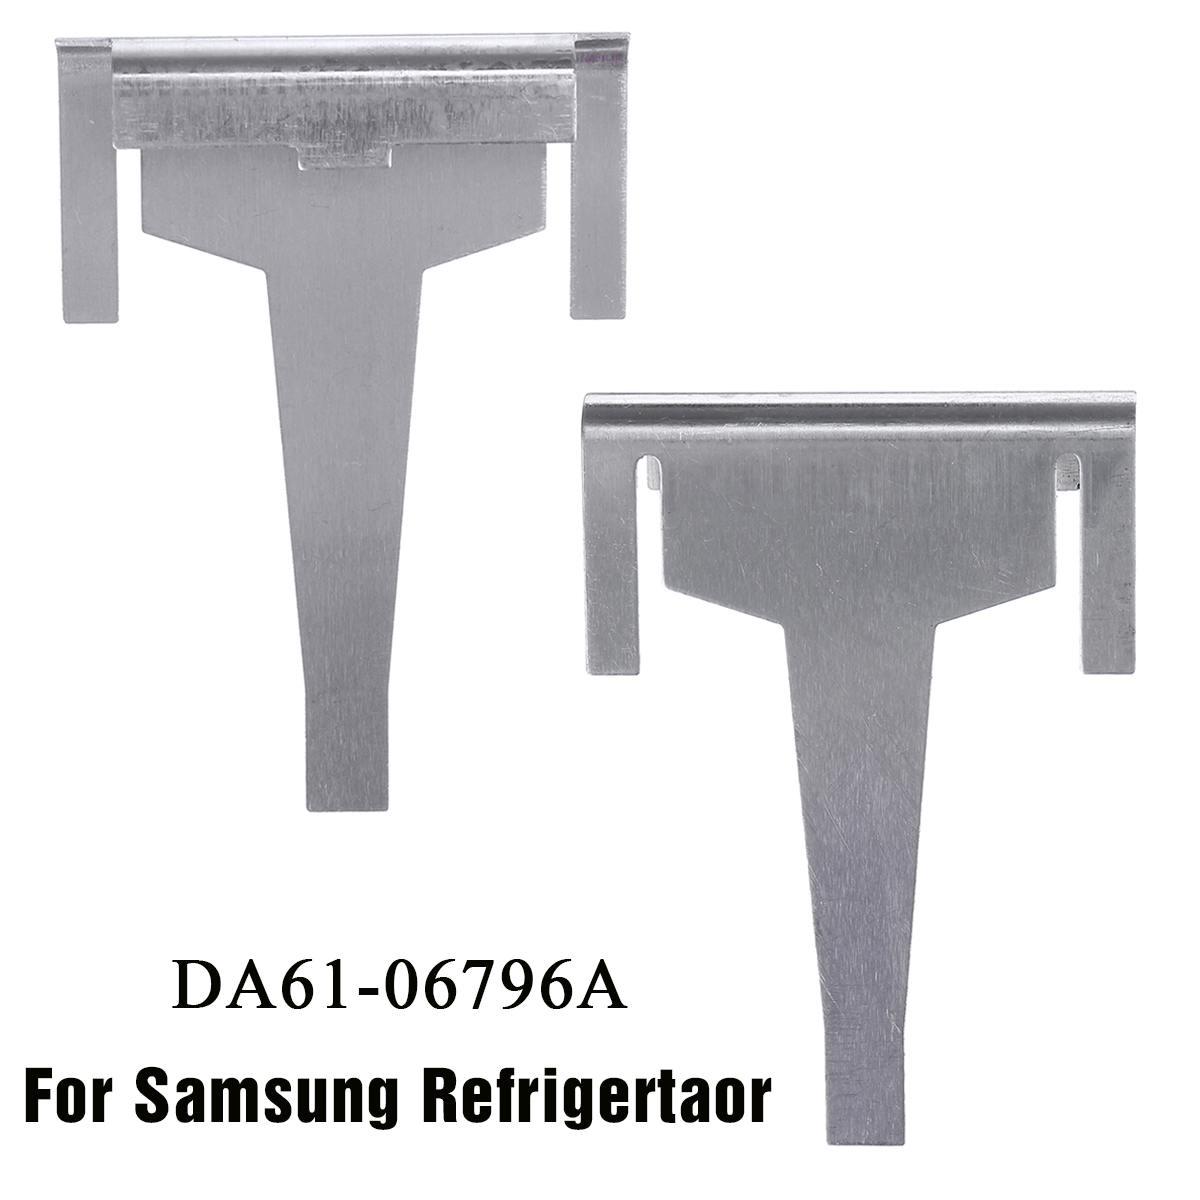 1Pc Refrigerator Evaporator Drain Clip Clamp DA61-06796A 1870872 1718552 AP5579885 2683162 PS4145120 For Samsung Refrigerator